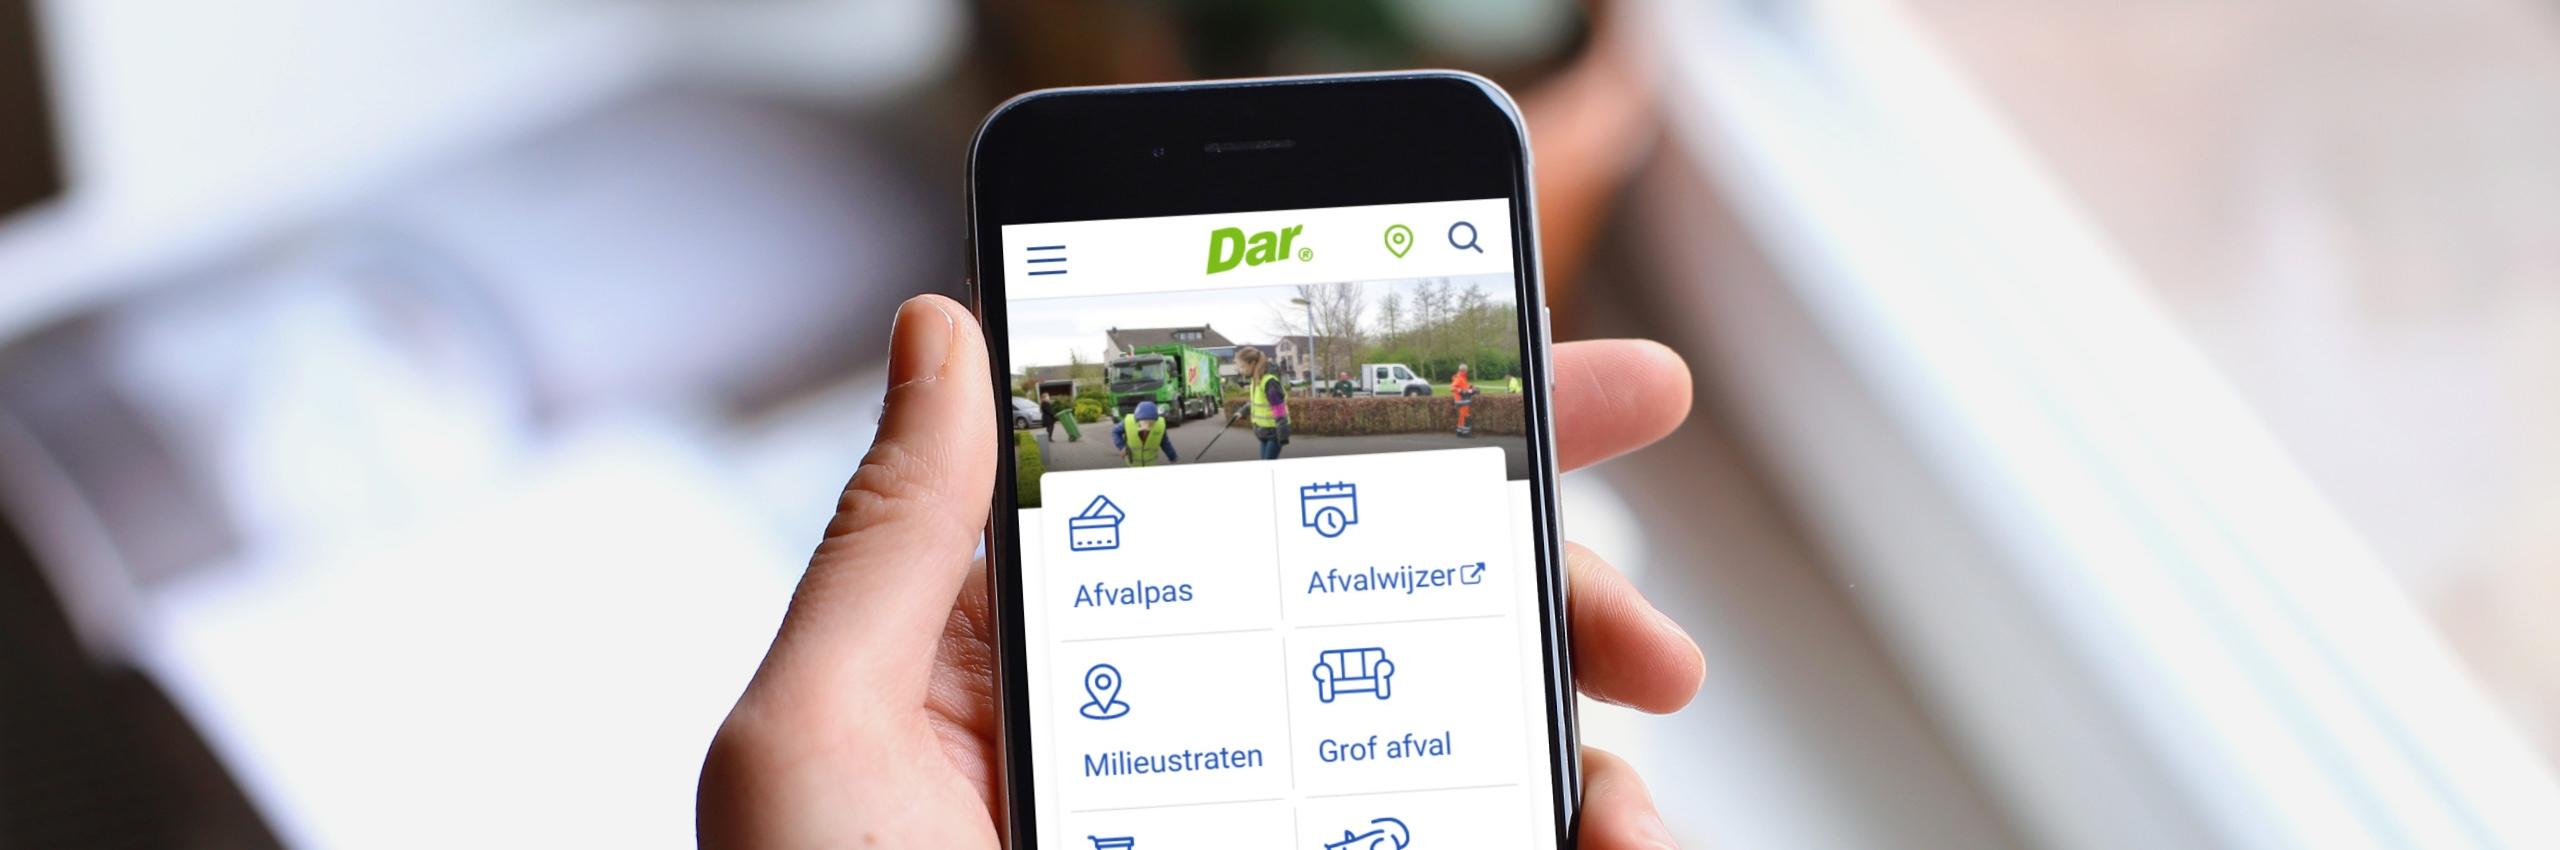 Banner for Dar.nl – Een website die zich aanpast aan de bezoeker